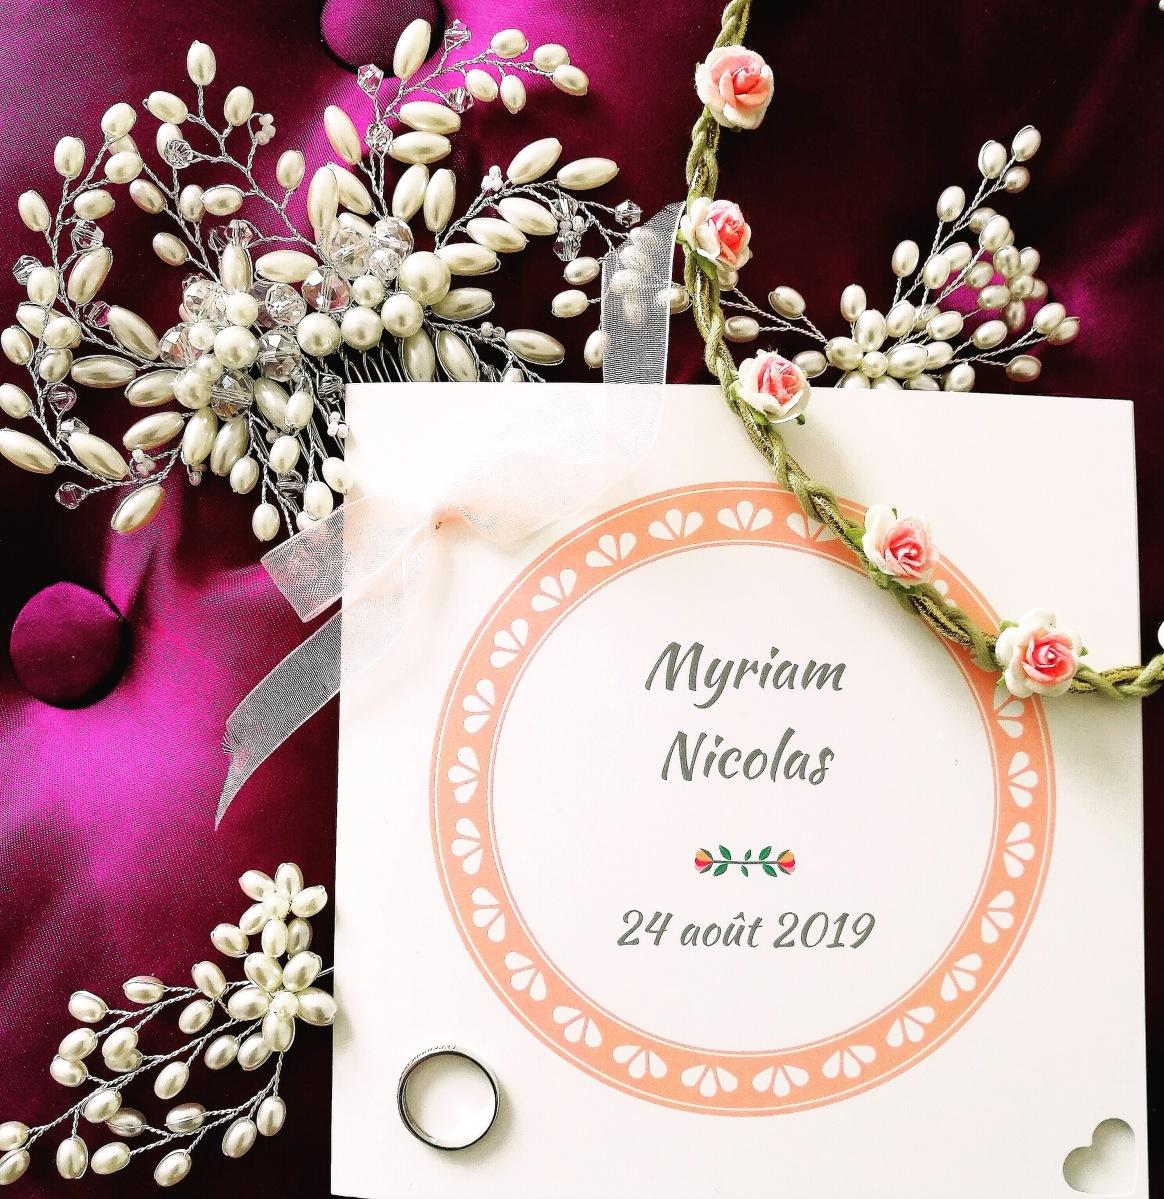 Mes destinations 2019 : Portugal, Grèce et mariage!